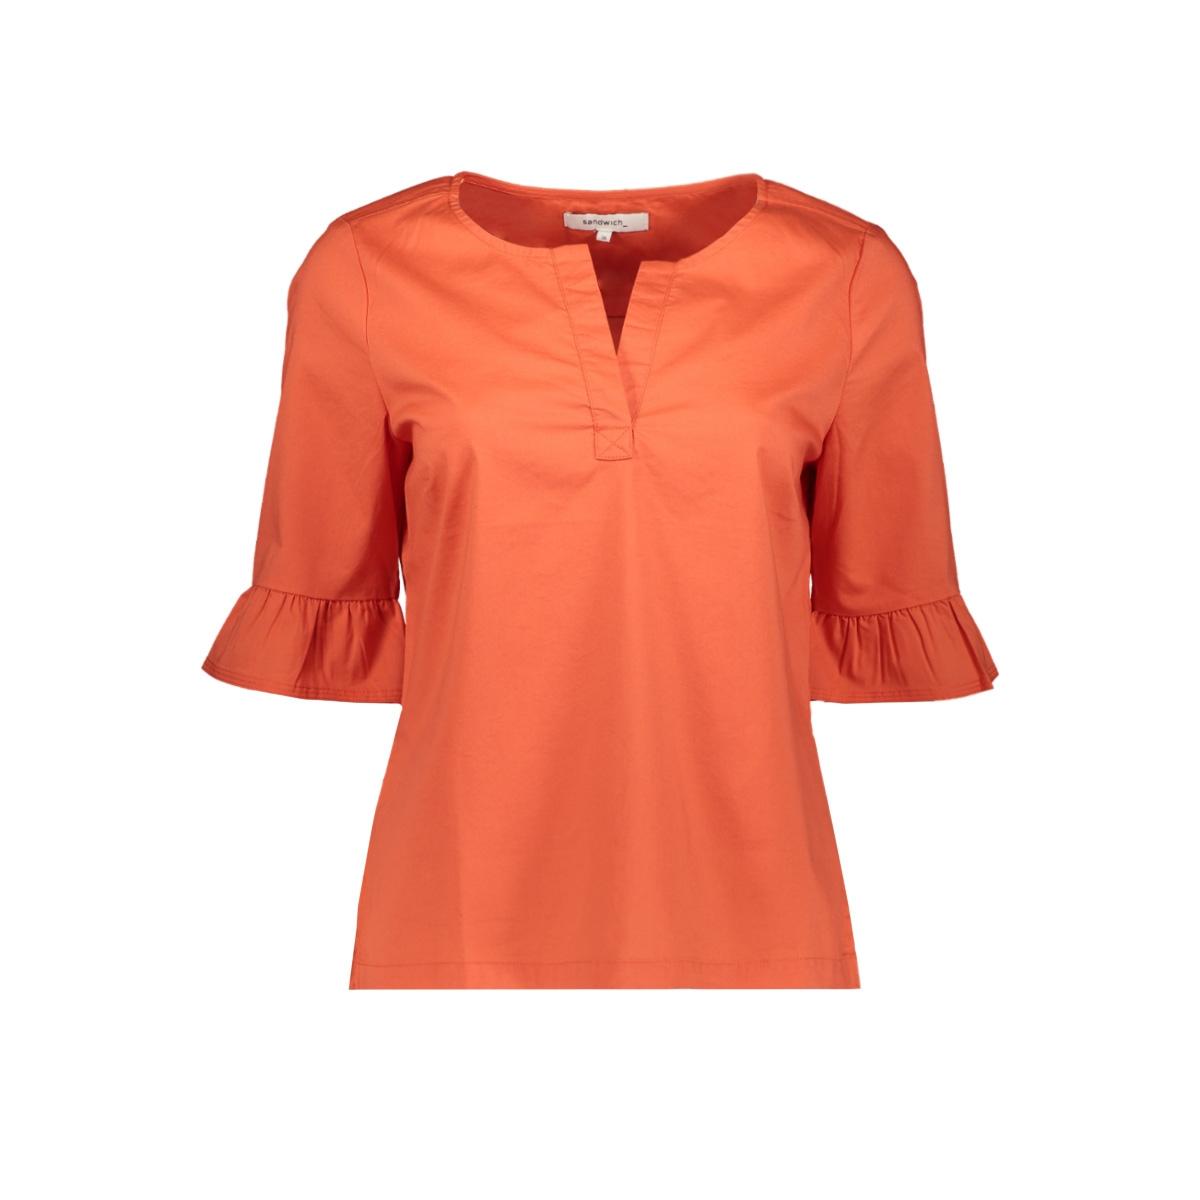 blouse met geplooide mouwen 22001559 sandwich blouse 20165